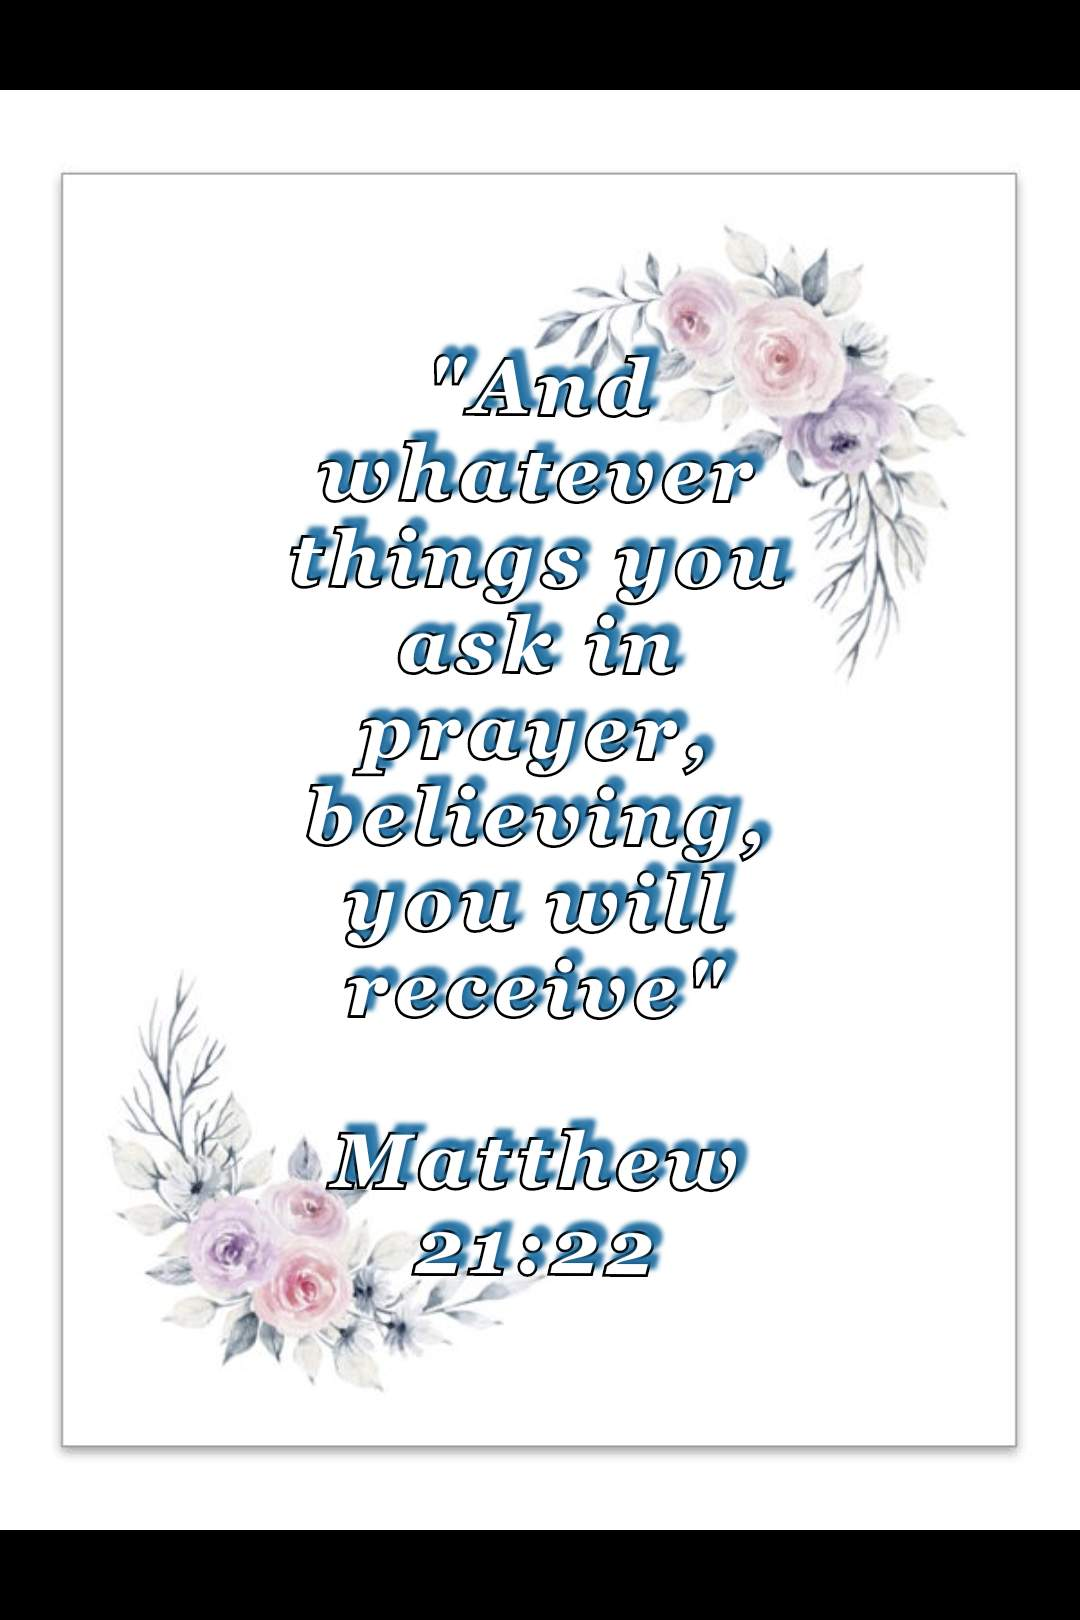 bible verse wallpaper (Matthew 21:22)